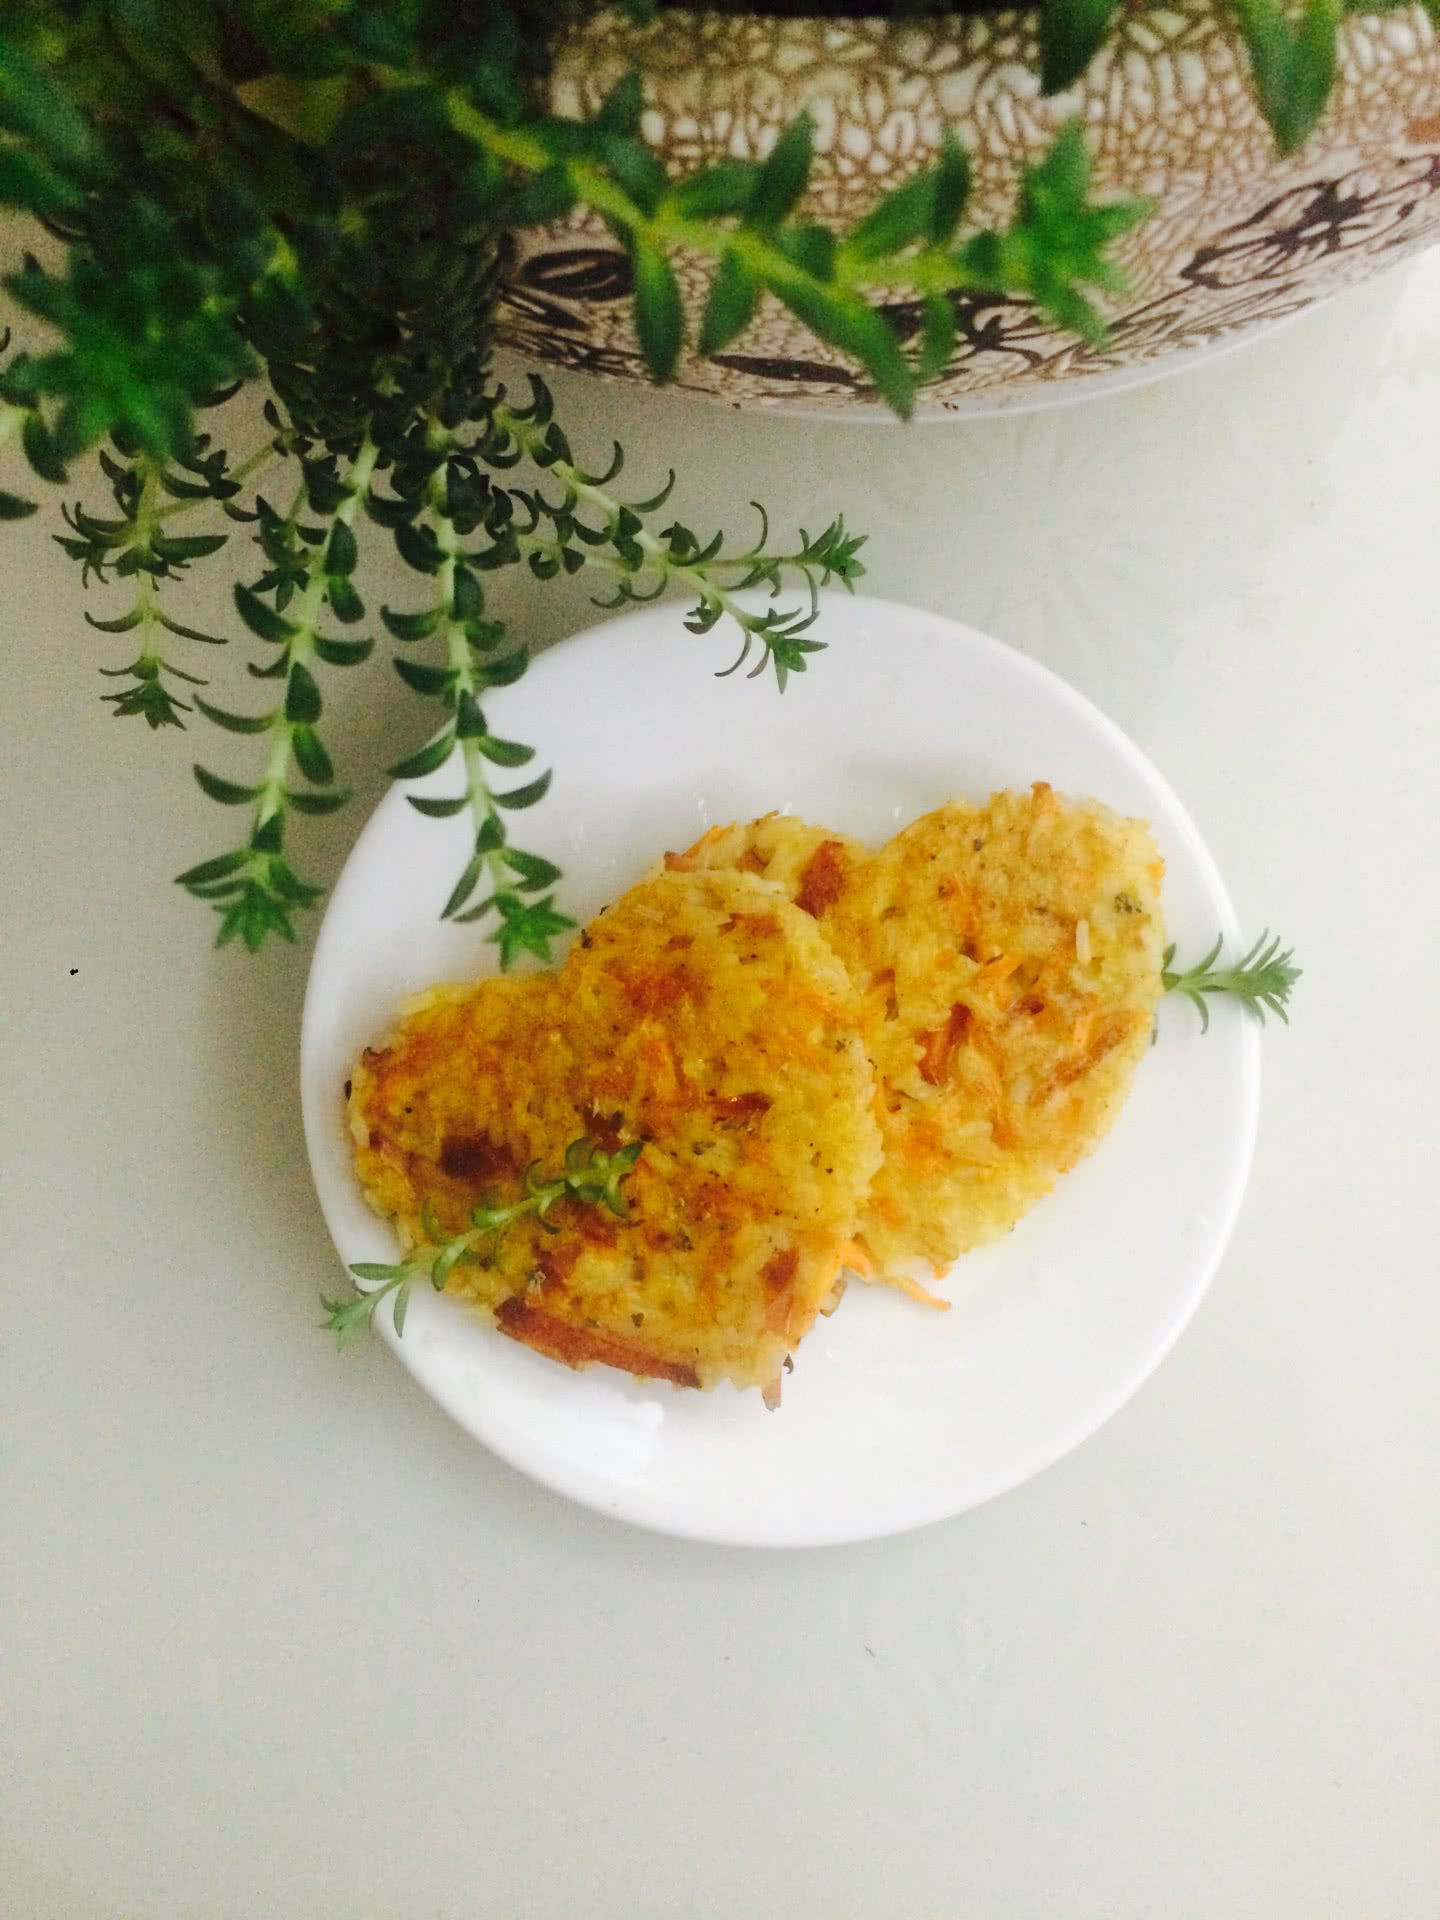 胡萝卜火腿蛋煎米饼的做法图解8